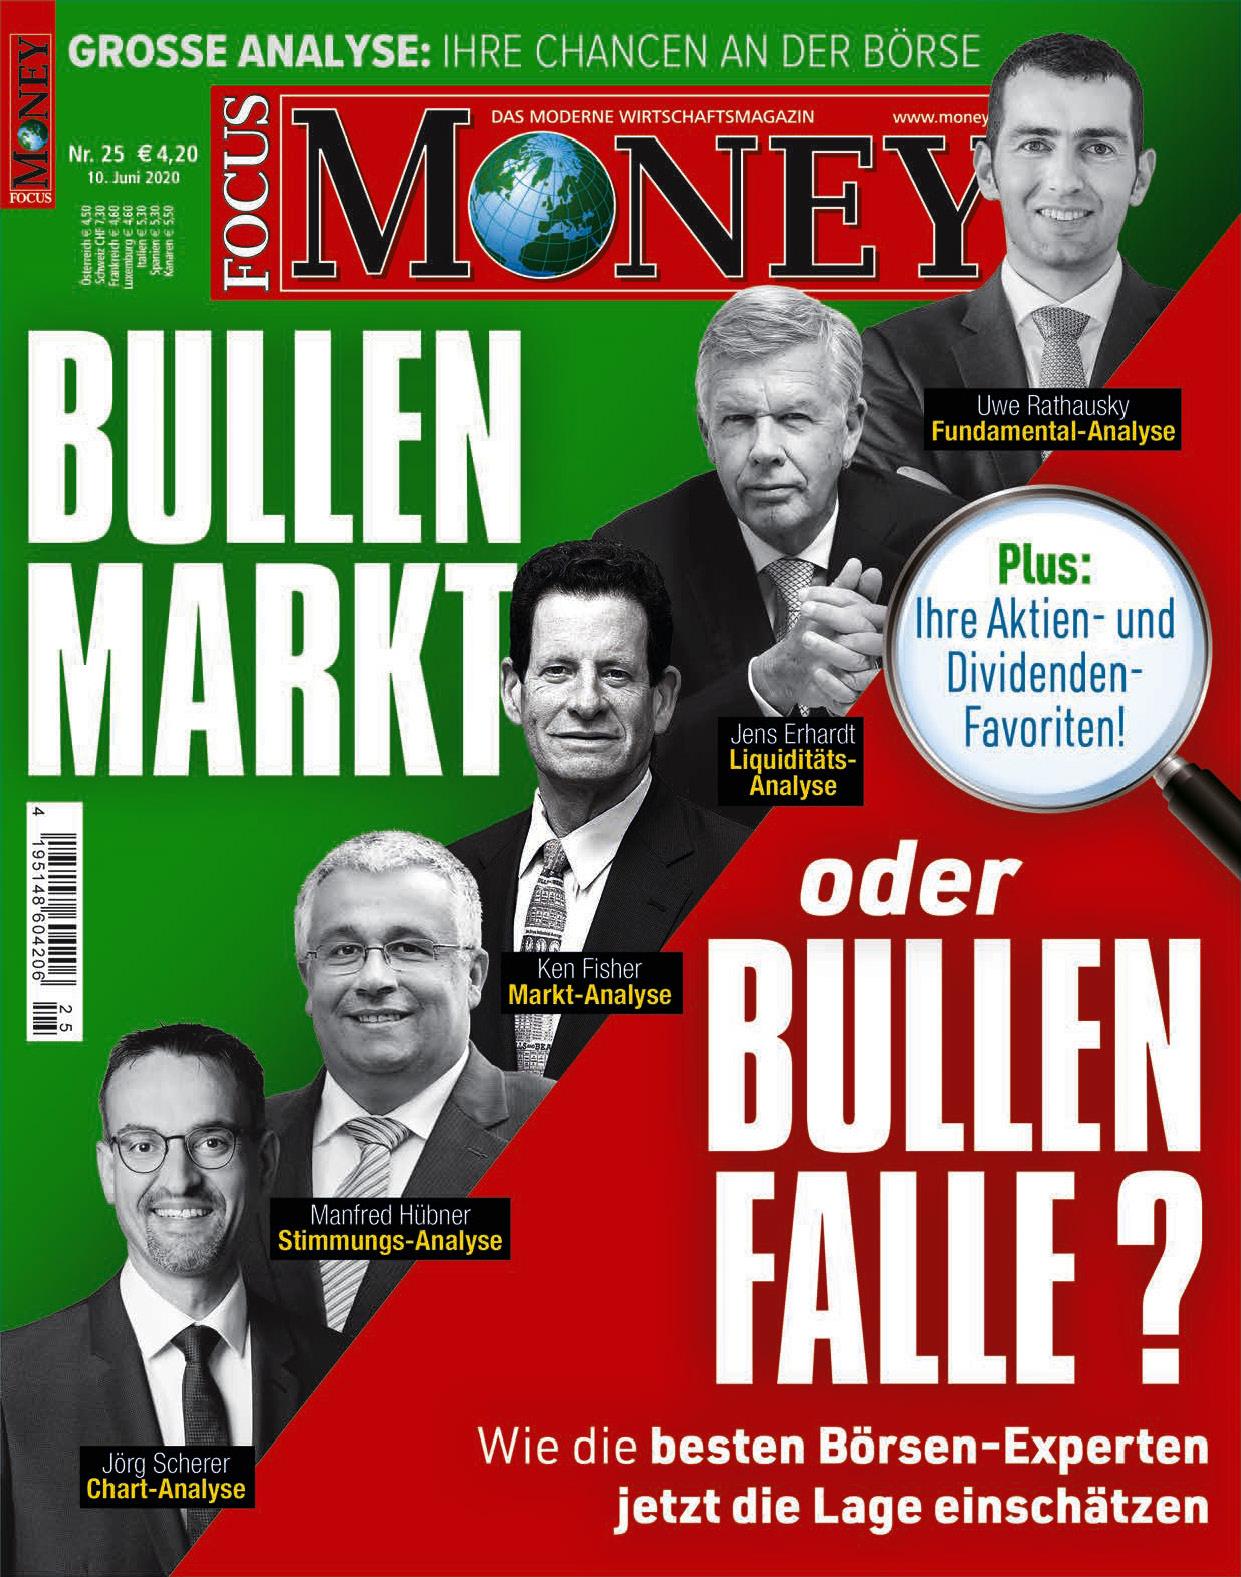 FOCUS-MONEY FOCUS MONEY – Bullenmarkt oder Bullenfalle? Das sagen die besten Börsenexperten